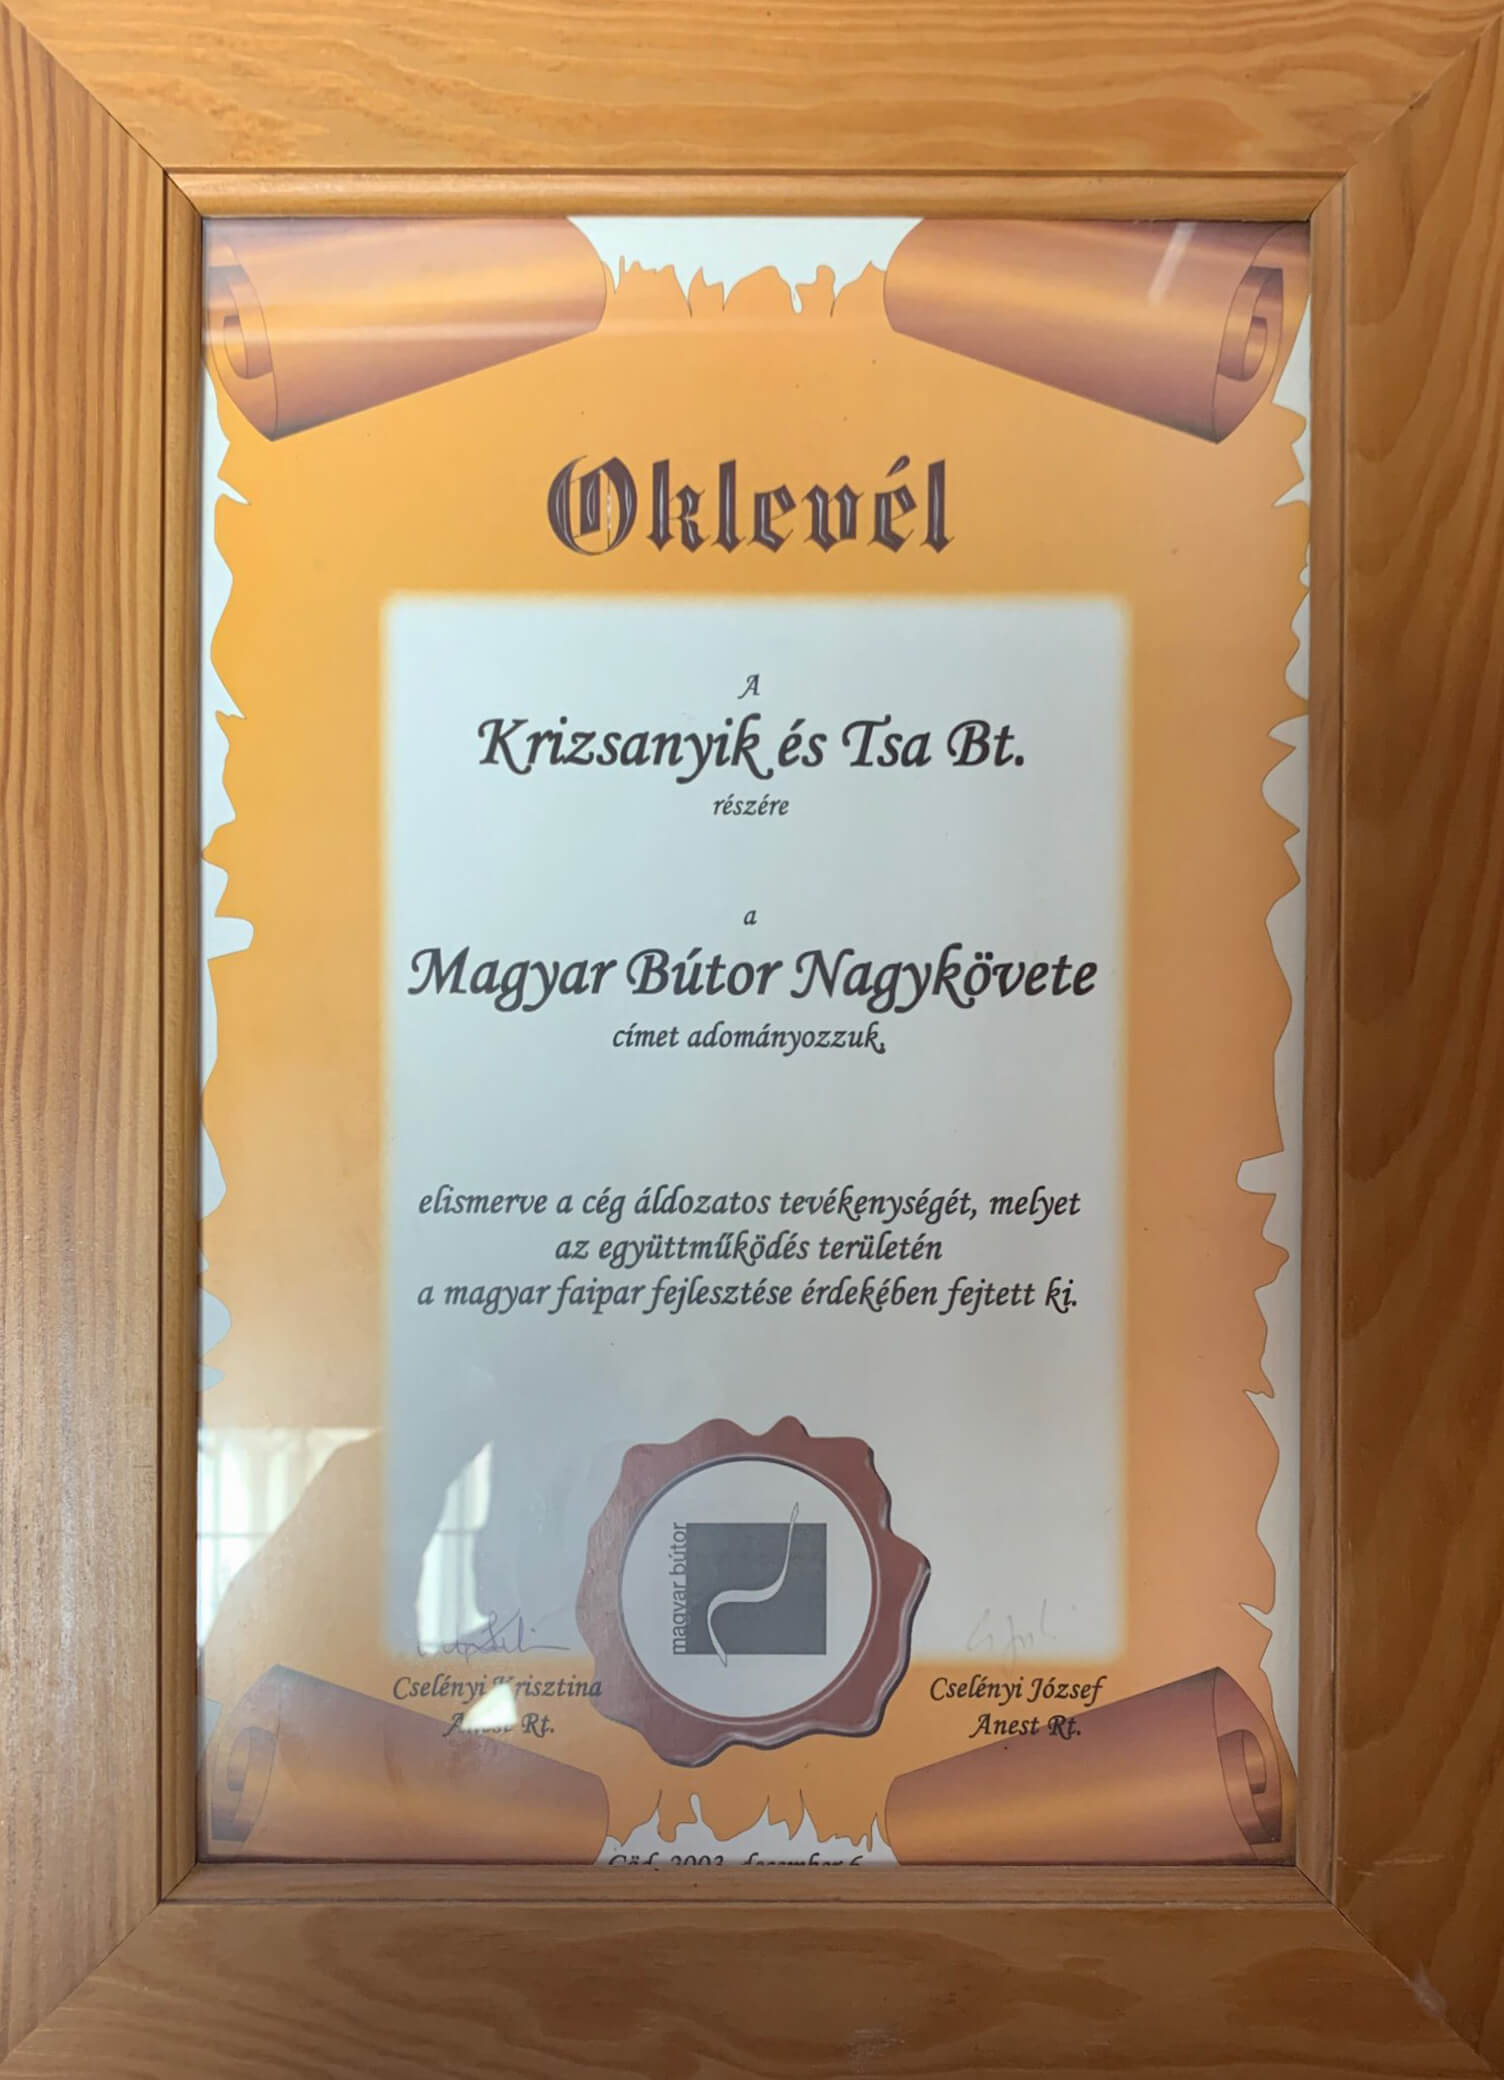 Oklevél - Magyar bútor nagykövete